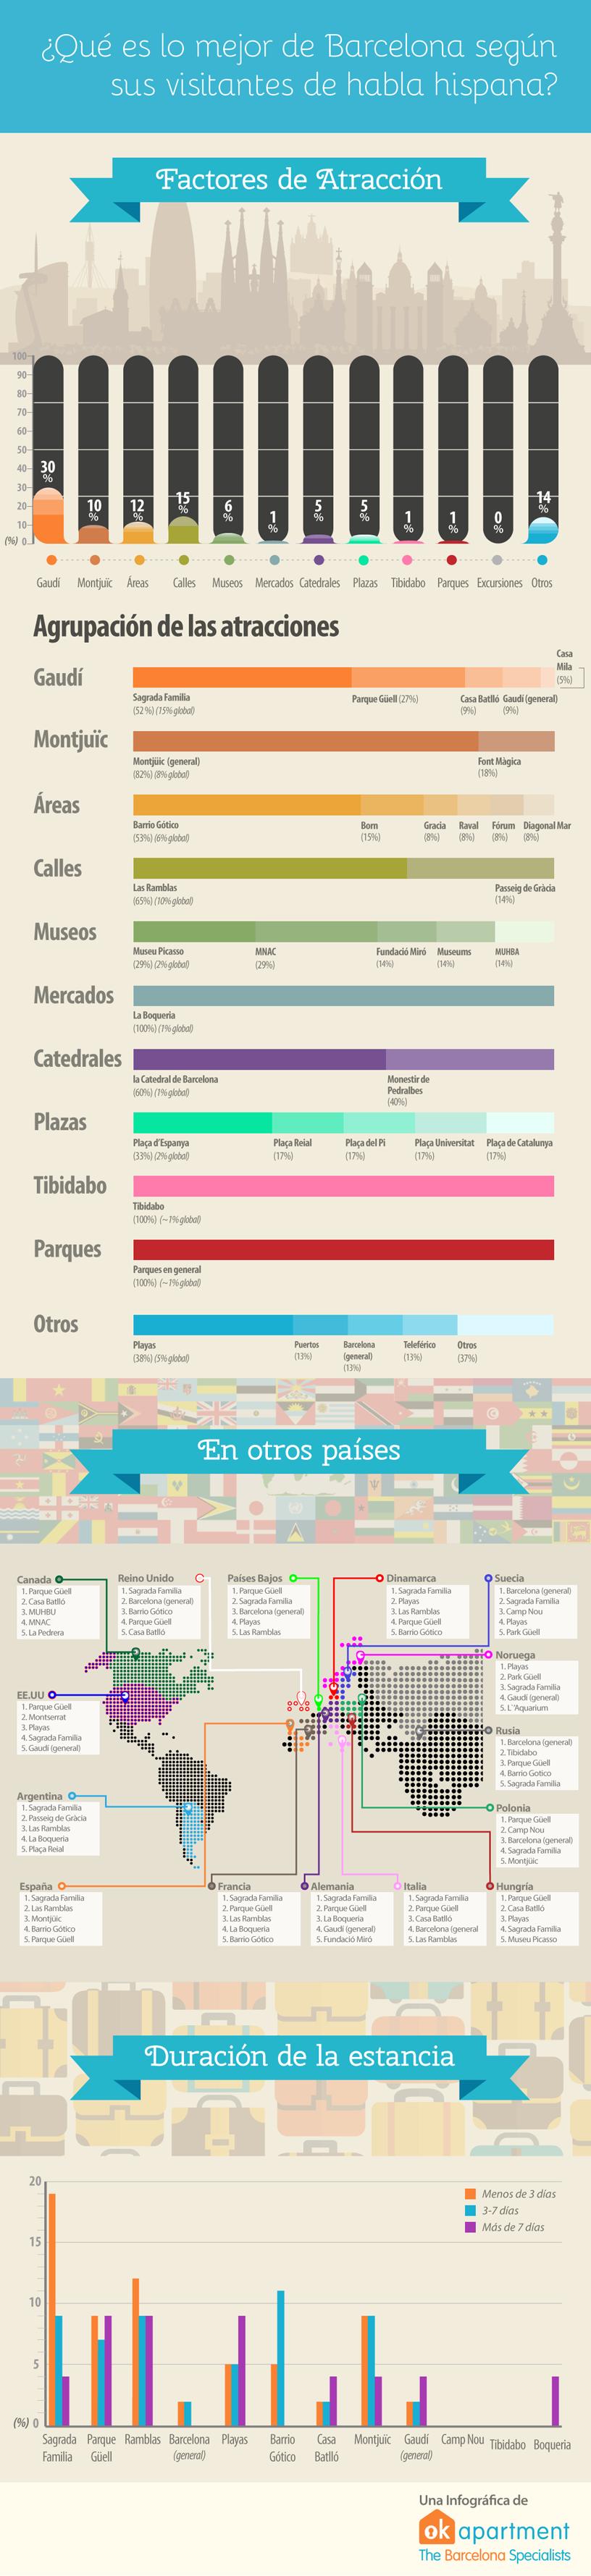 Что посмотреть в Барселоне, Инфографика